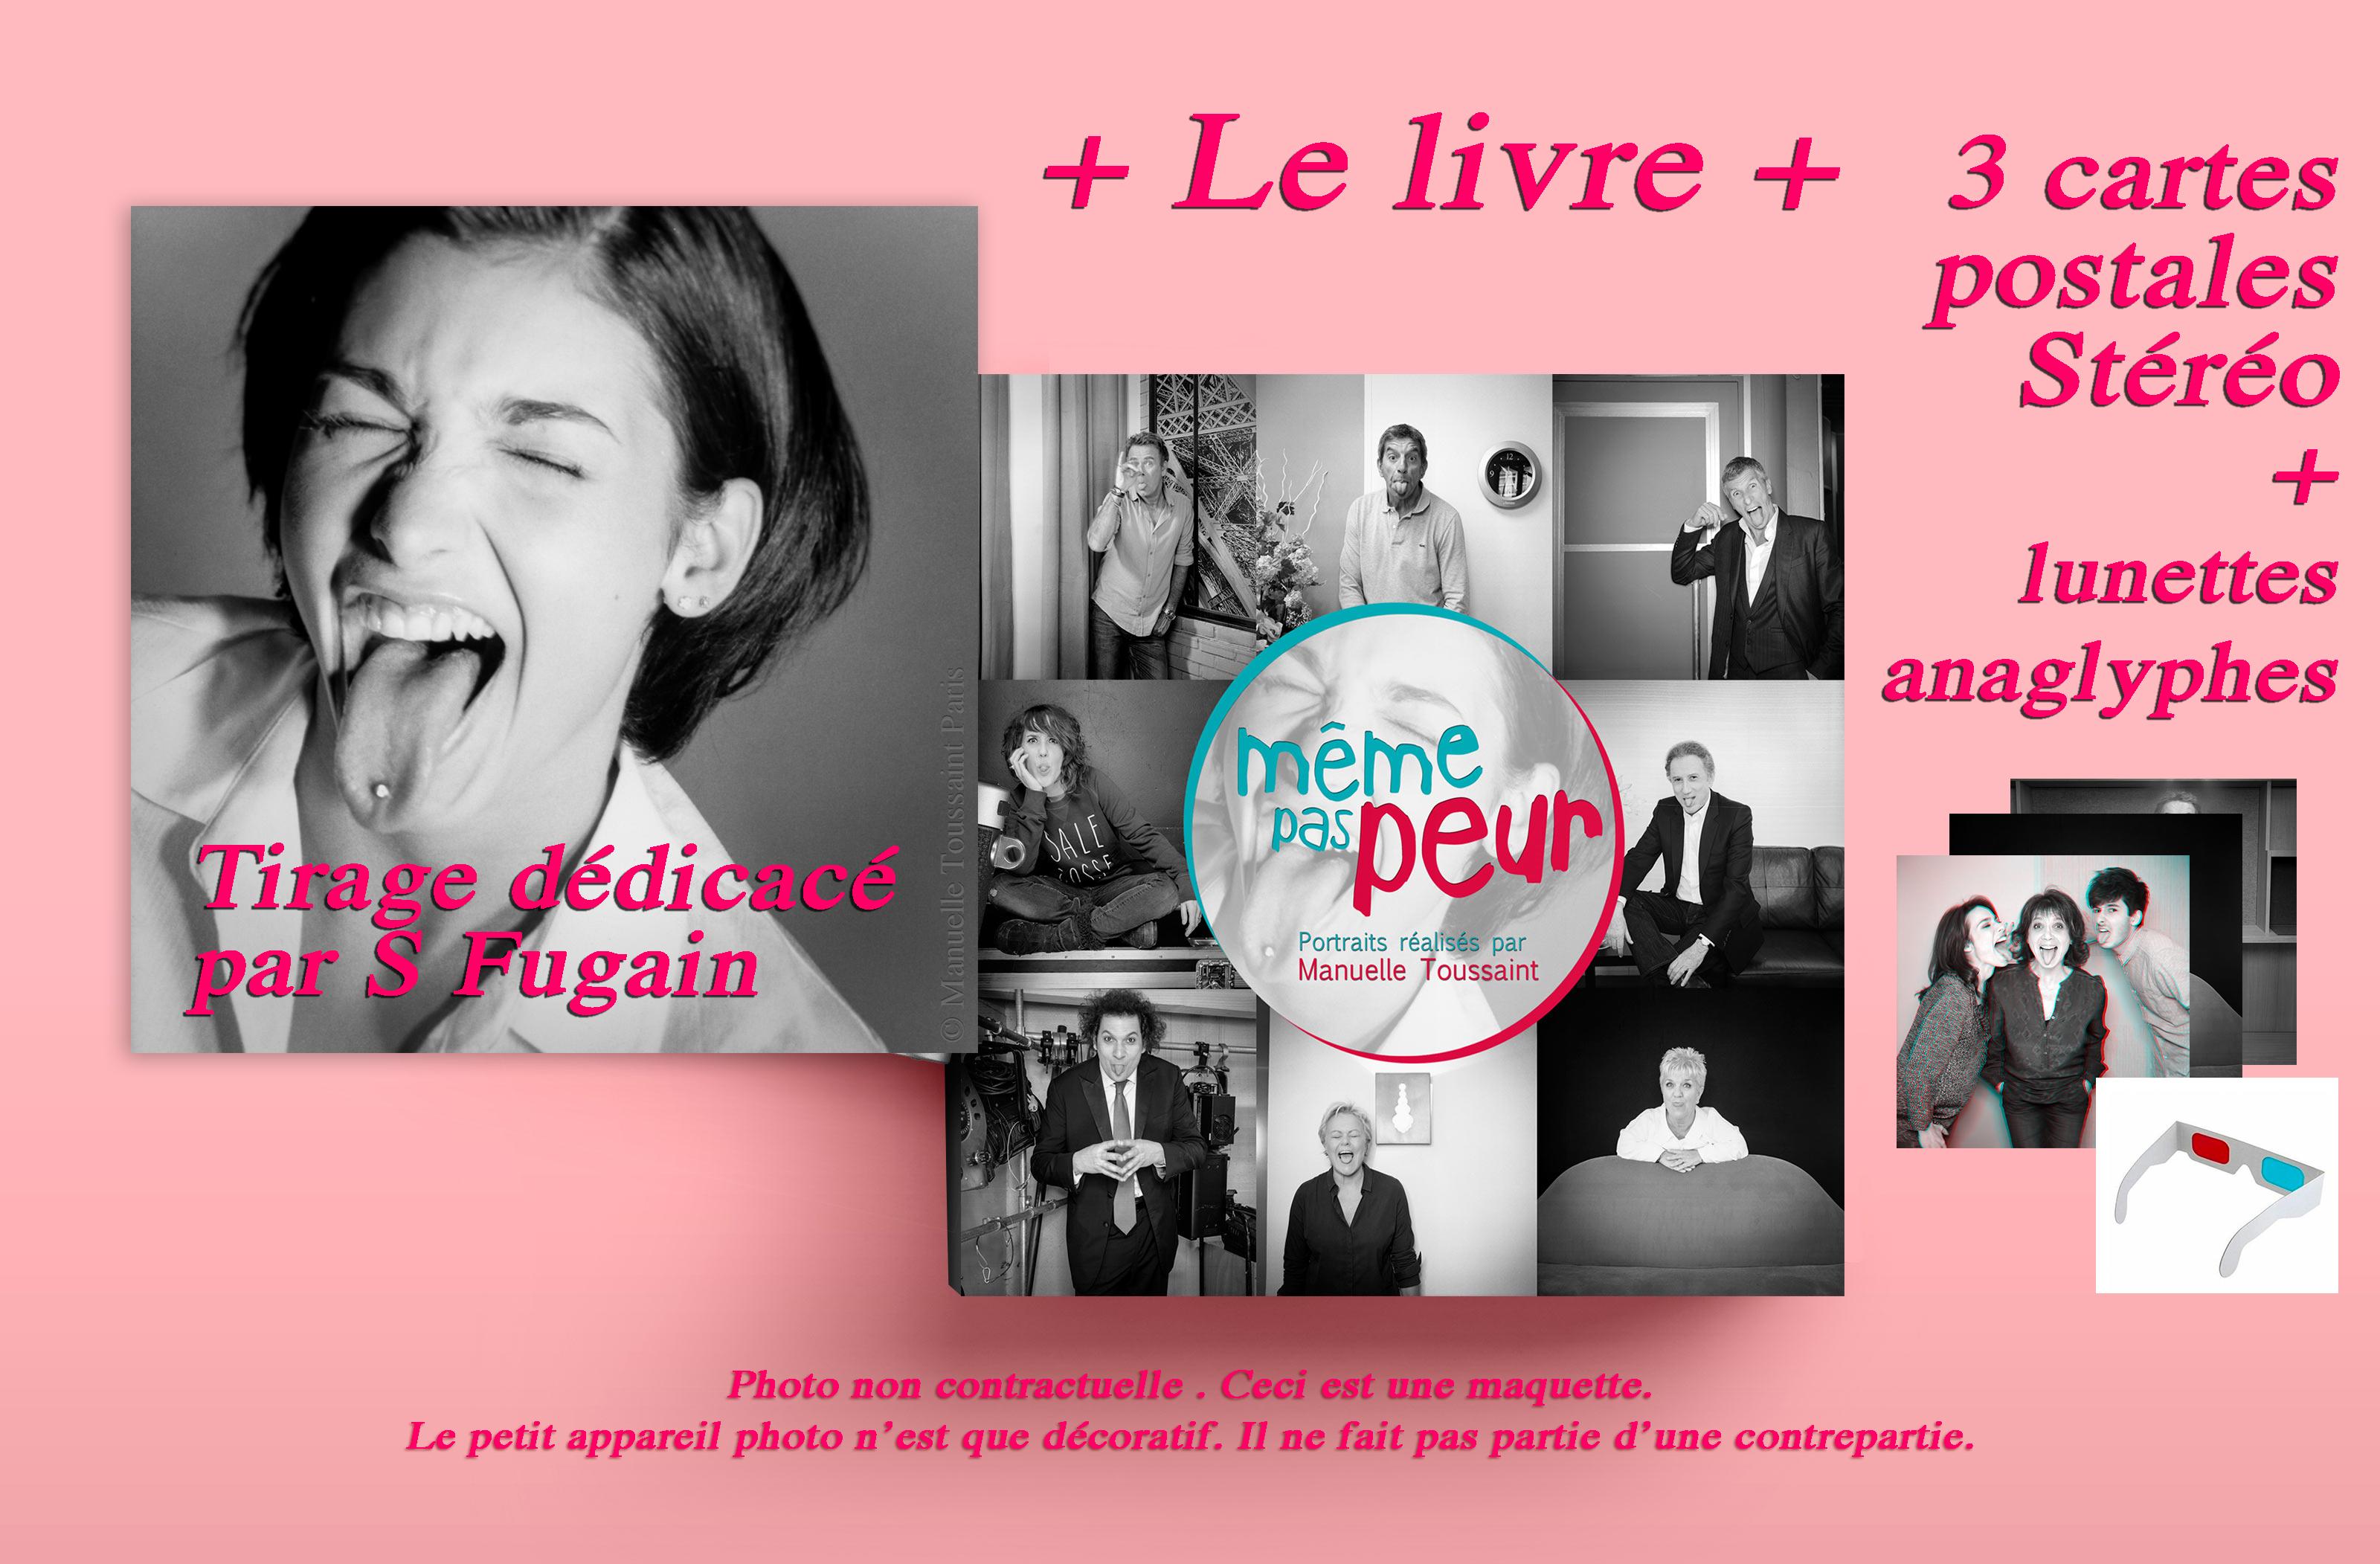 Laurette_livre_Cartes3D-1497097222.jpg